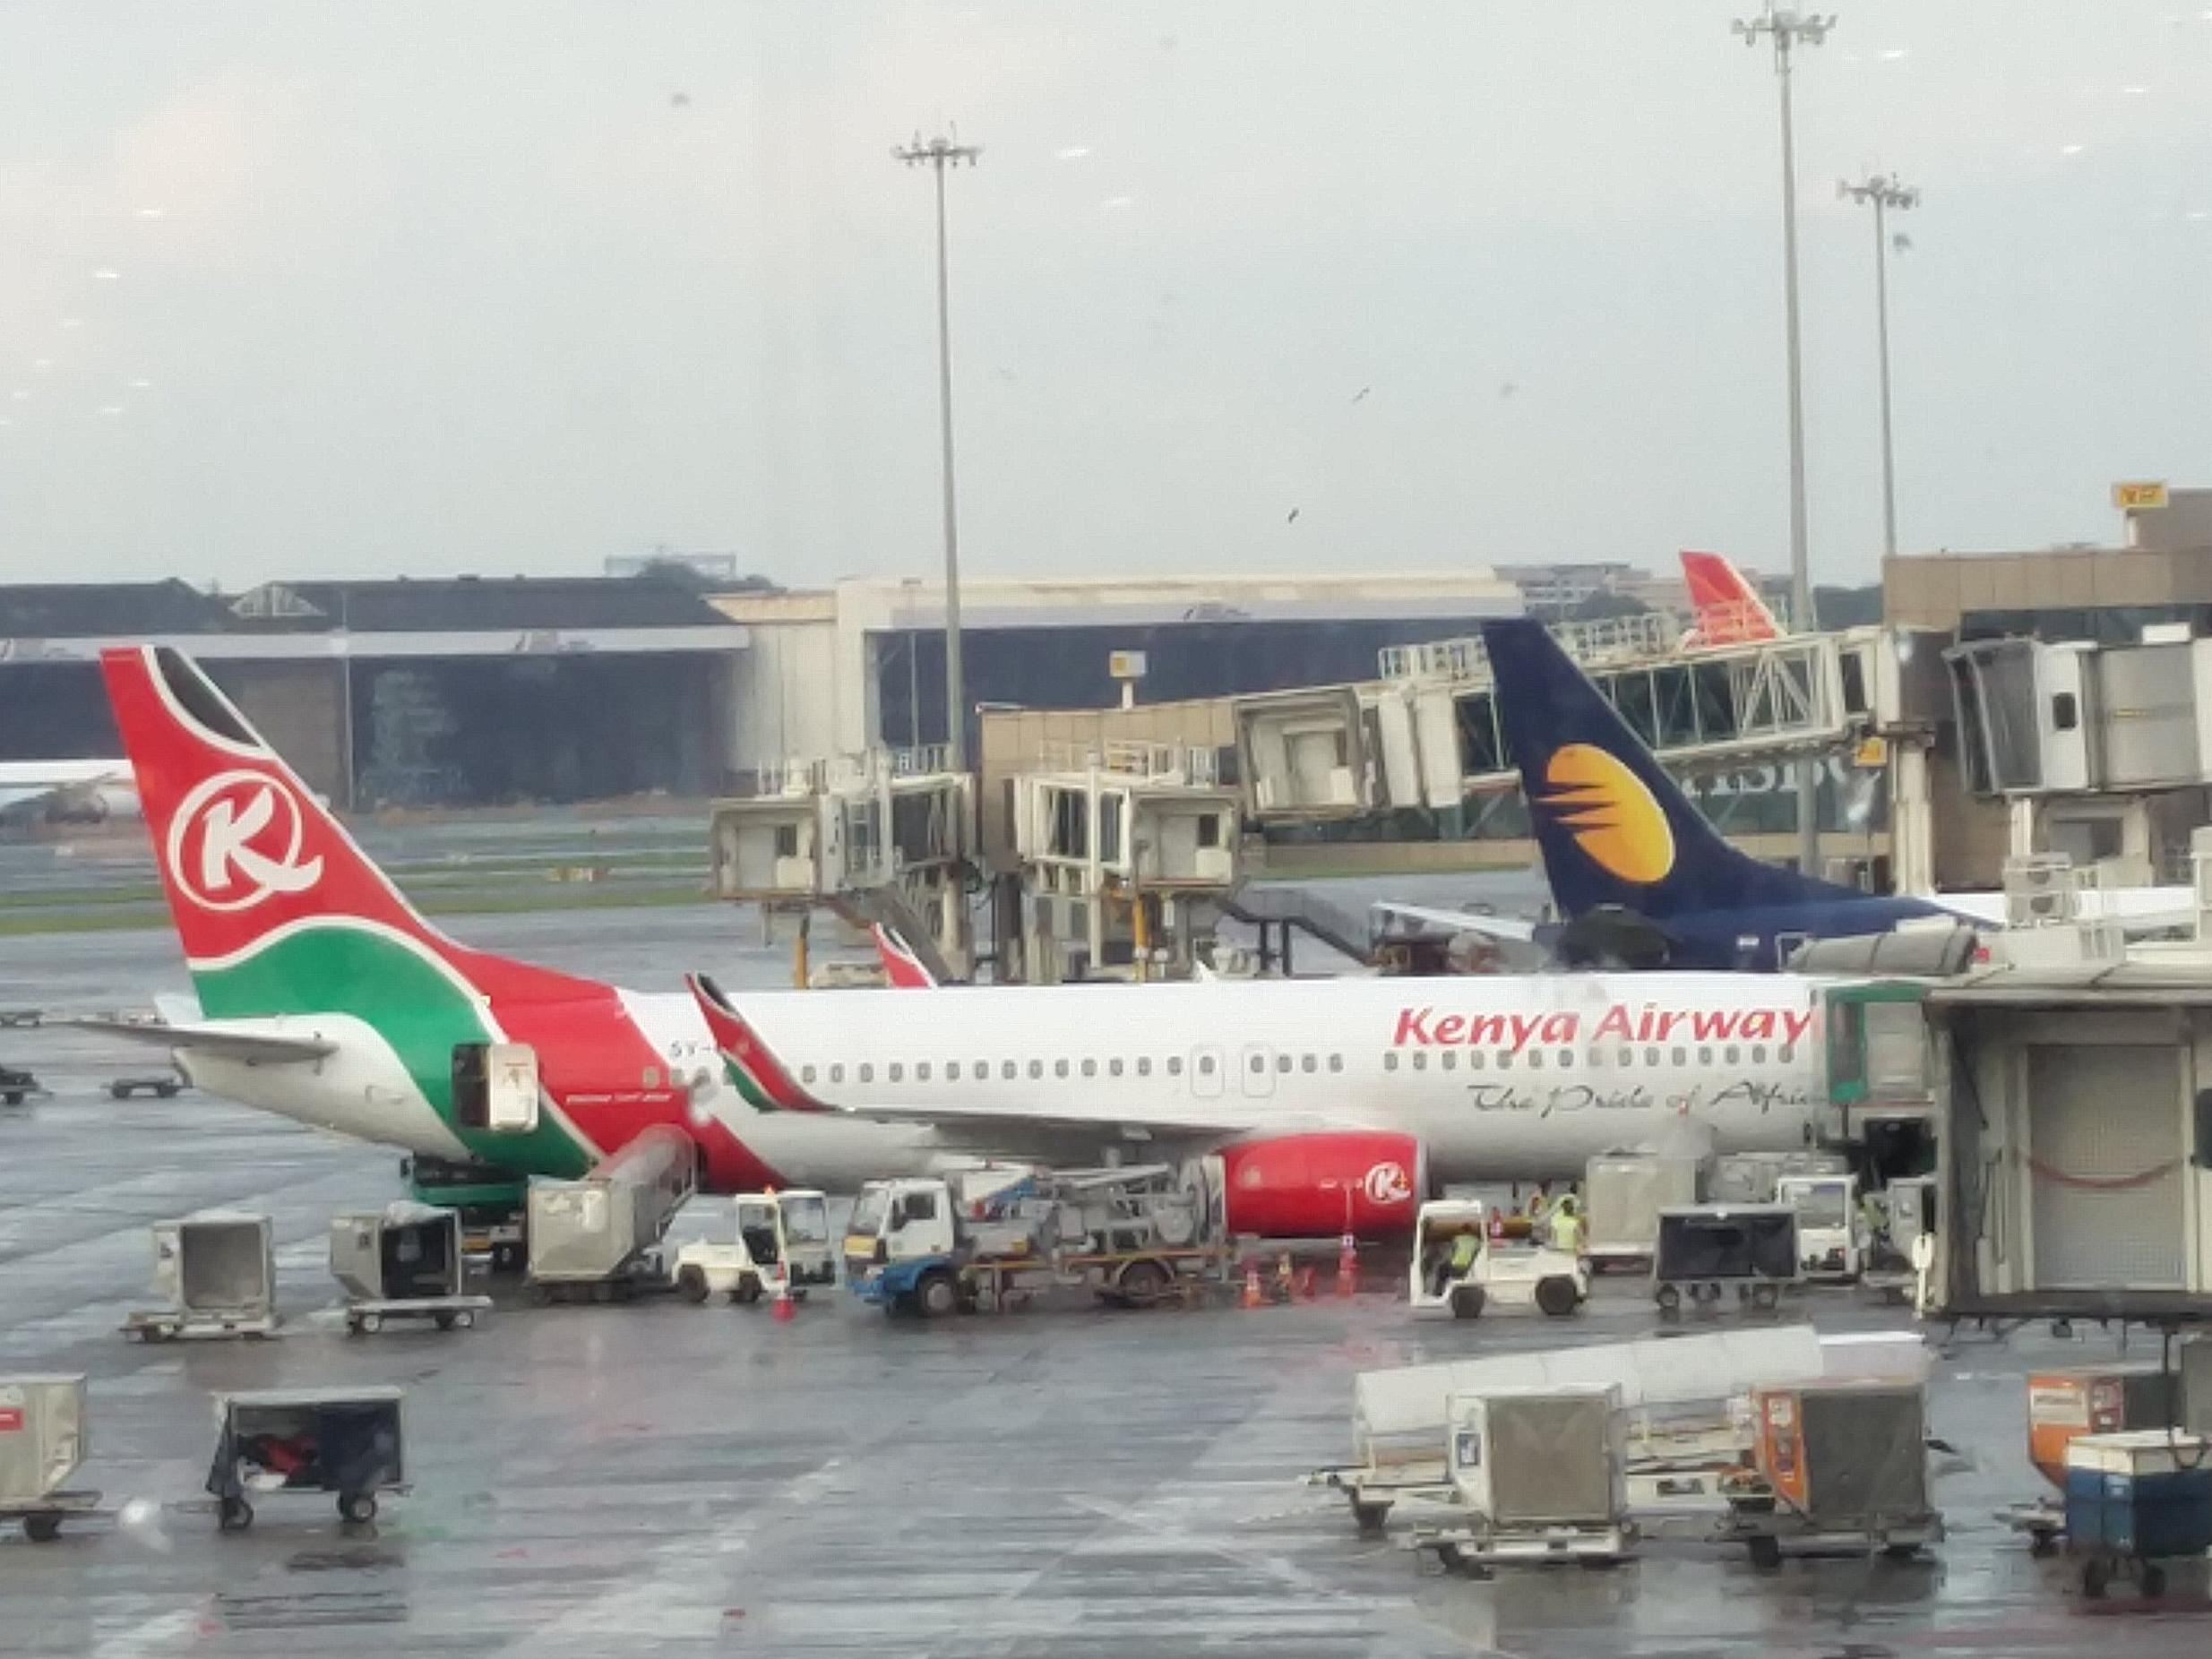 Aeroporto Kenya : File:kenya airways boeing 737 aircraft at mumbai airport.jpg